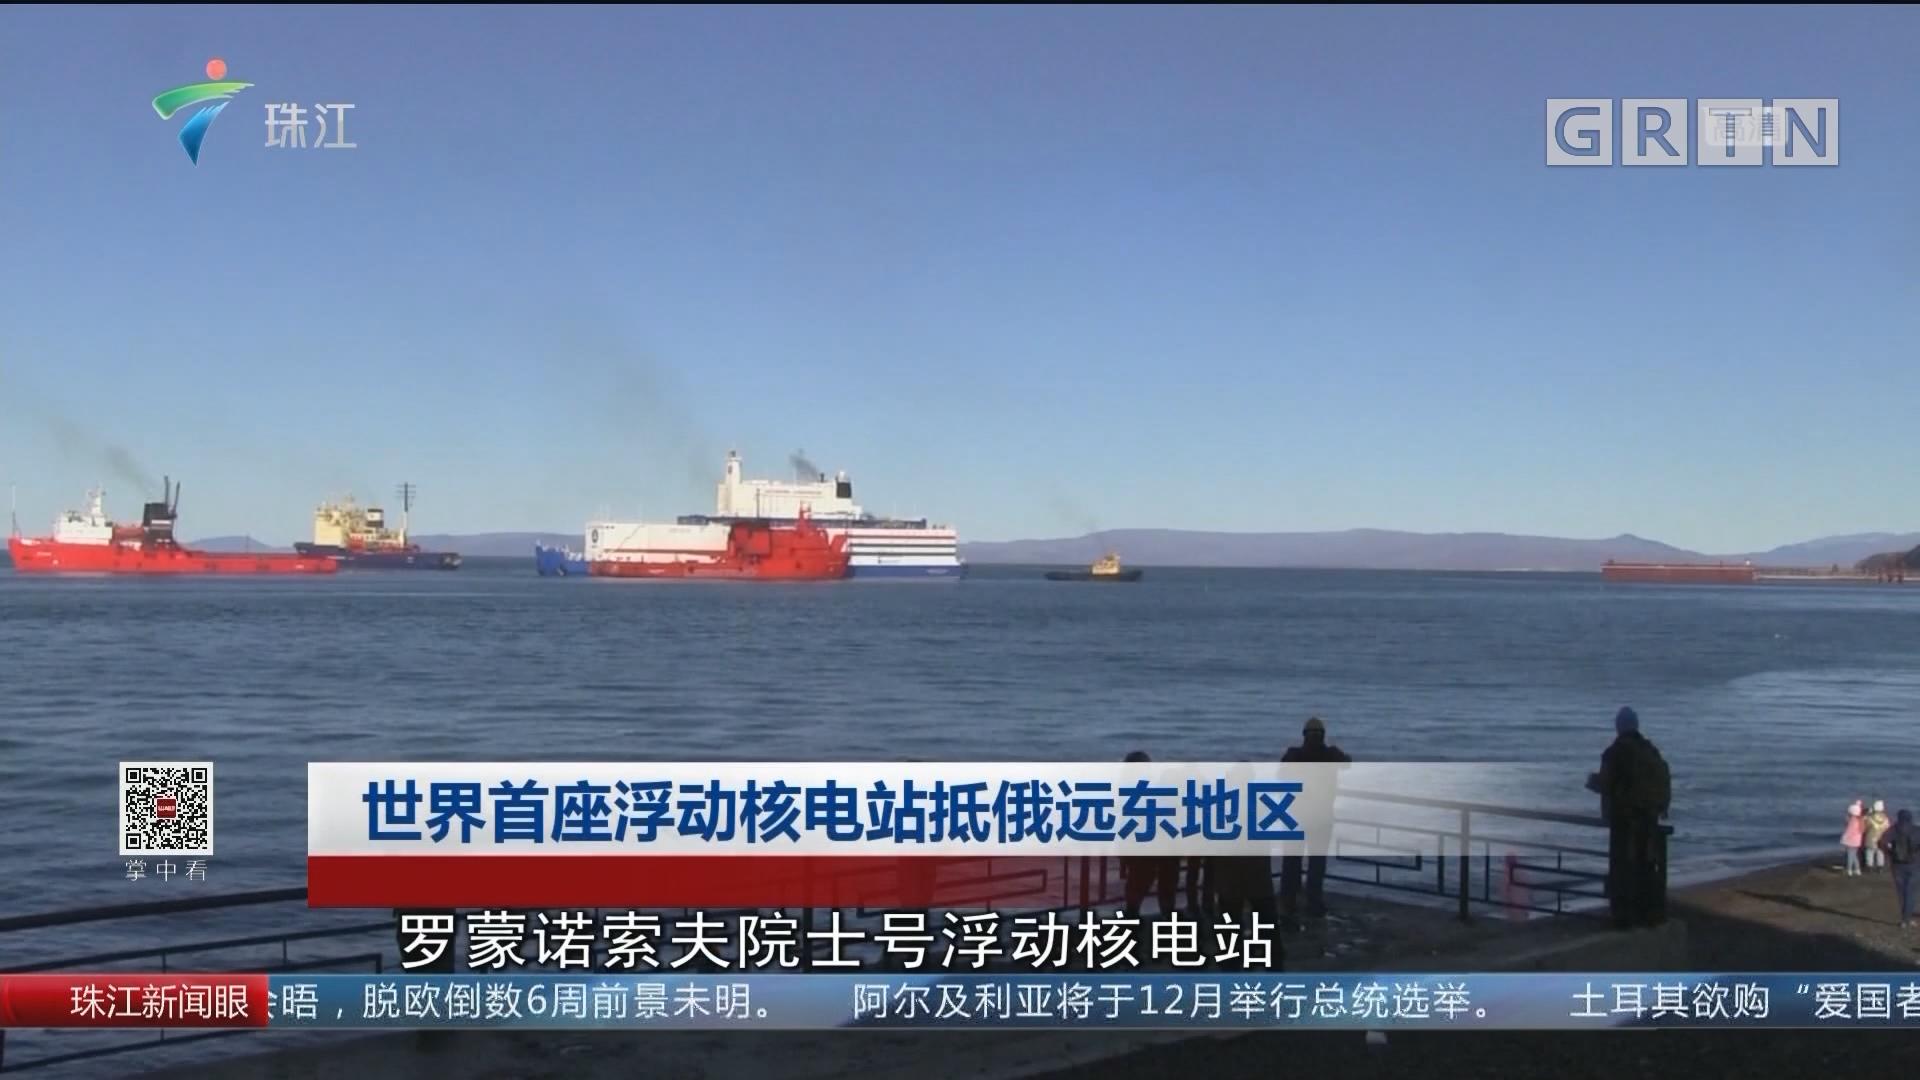 世界首座浮动核电站抵俄远东地区